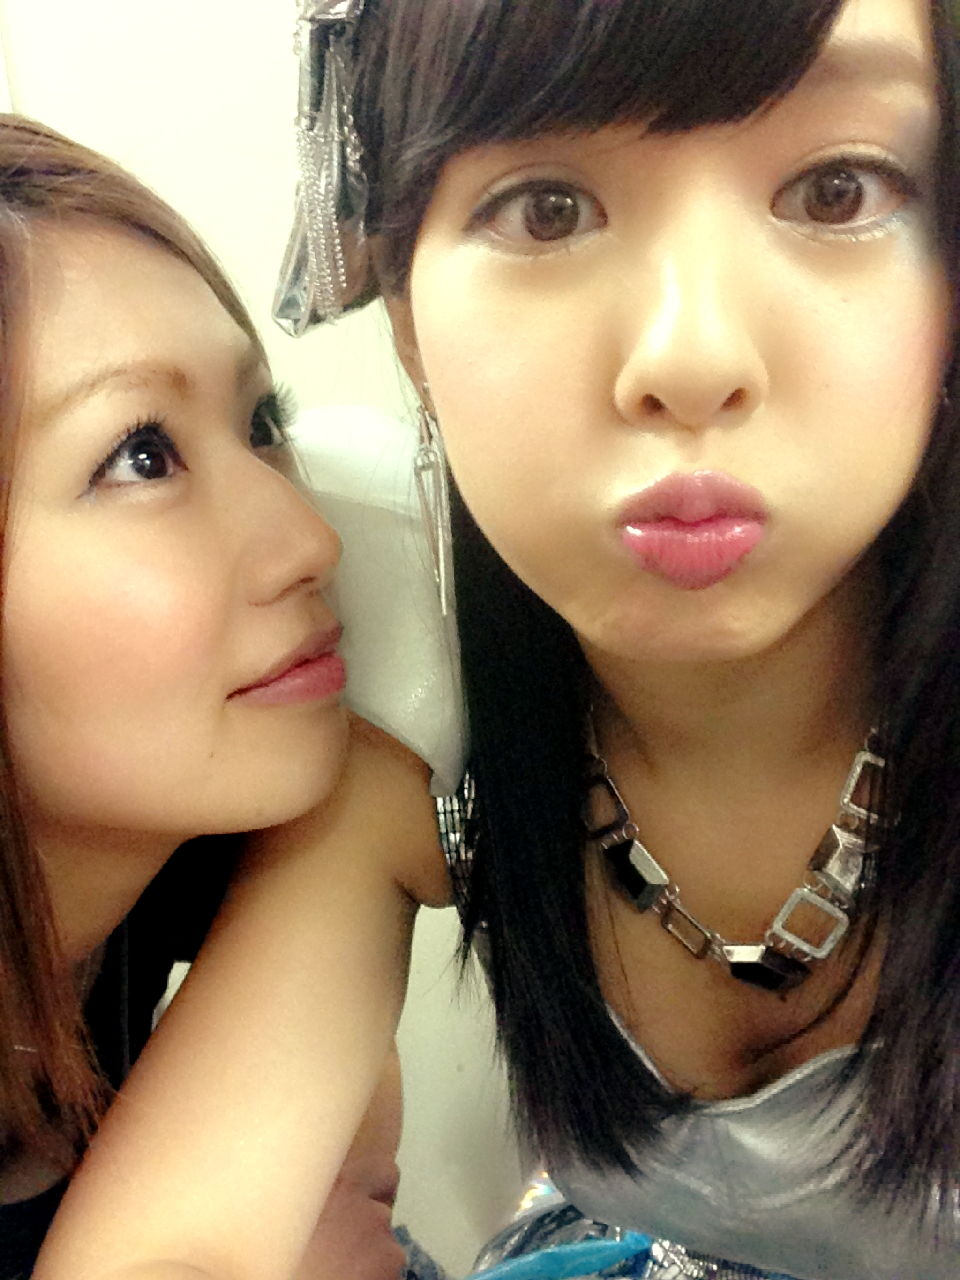 可愛いと噂のNMBマネージャーがホントに可愛かった : NMB48まとめ ...